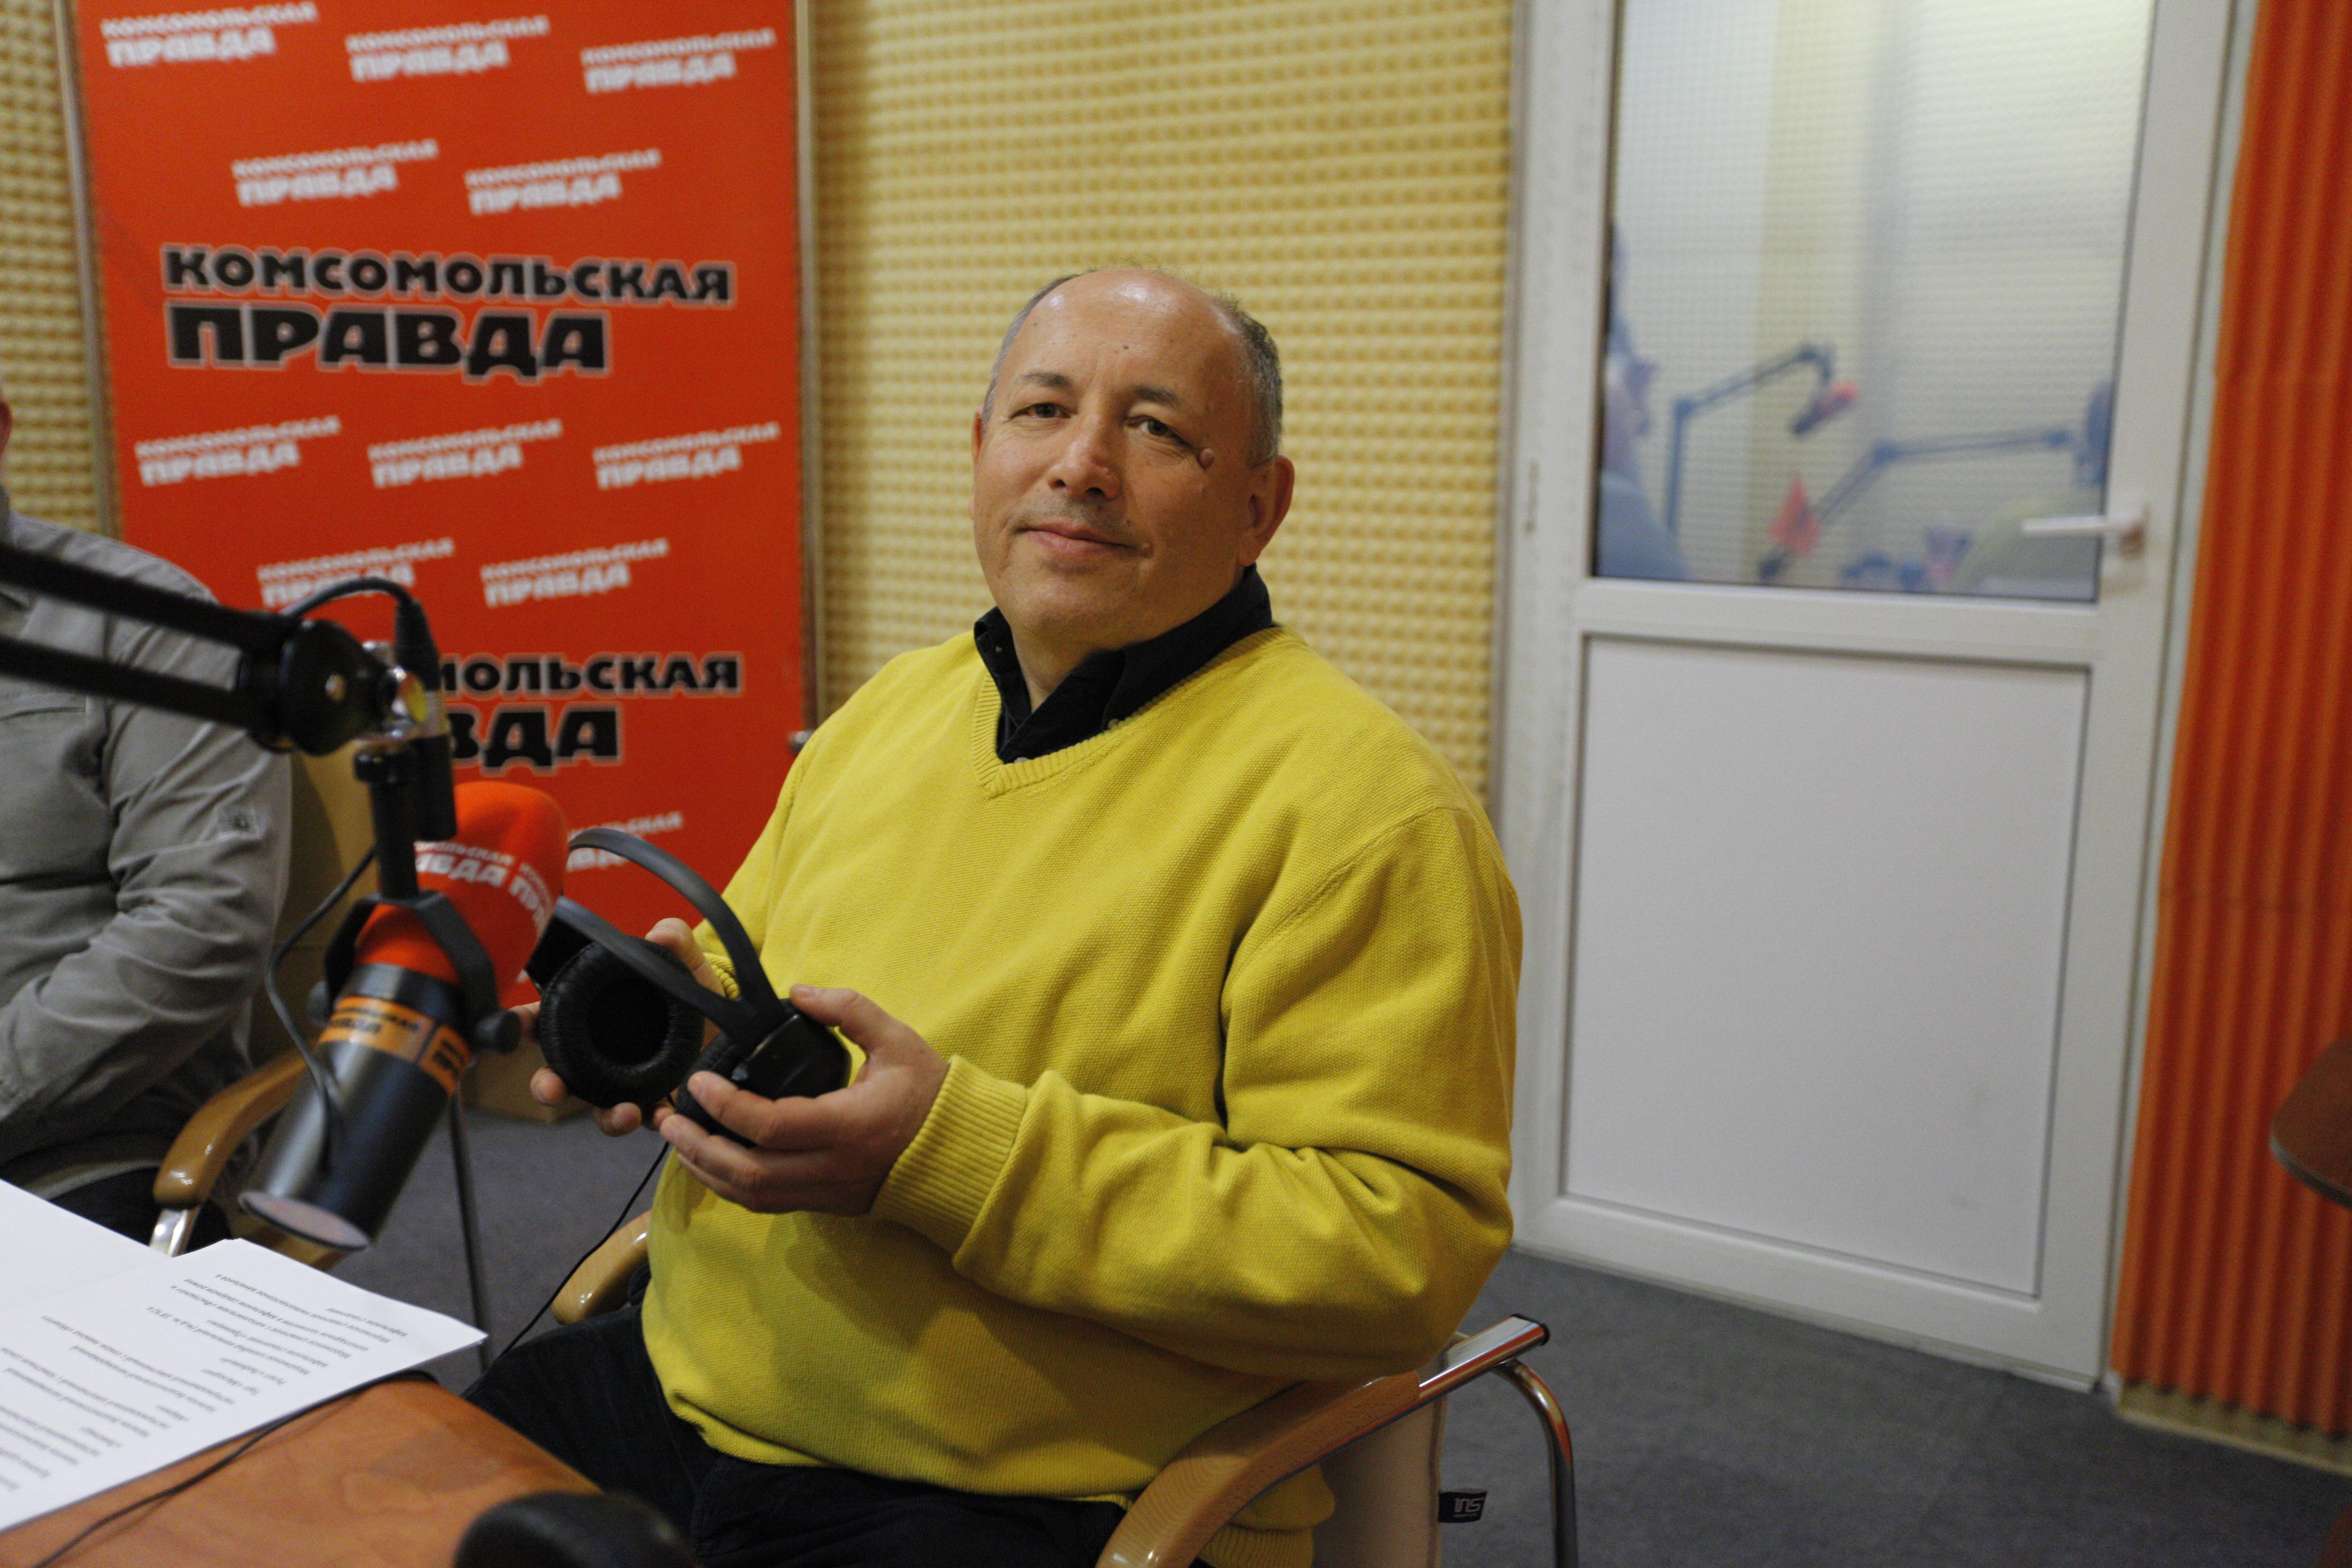 Генеральный директор, Кандидат технических наук, заслуженный работник пищевой индустрии РФ Сергей Владимирович Анисимов